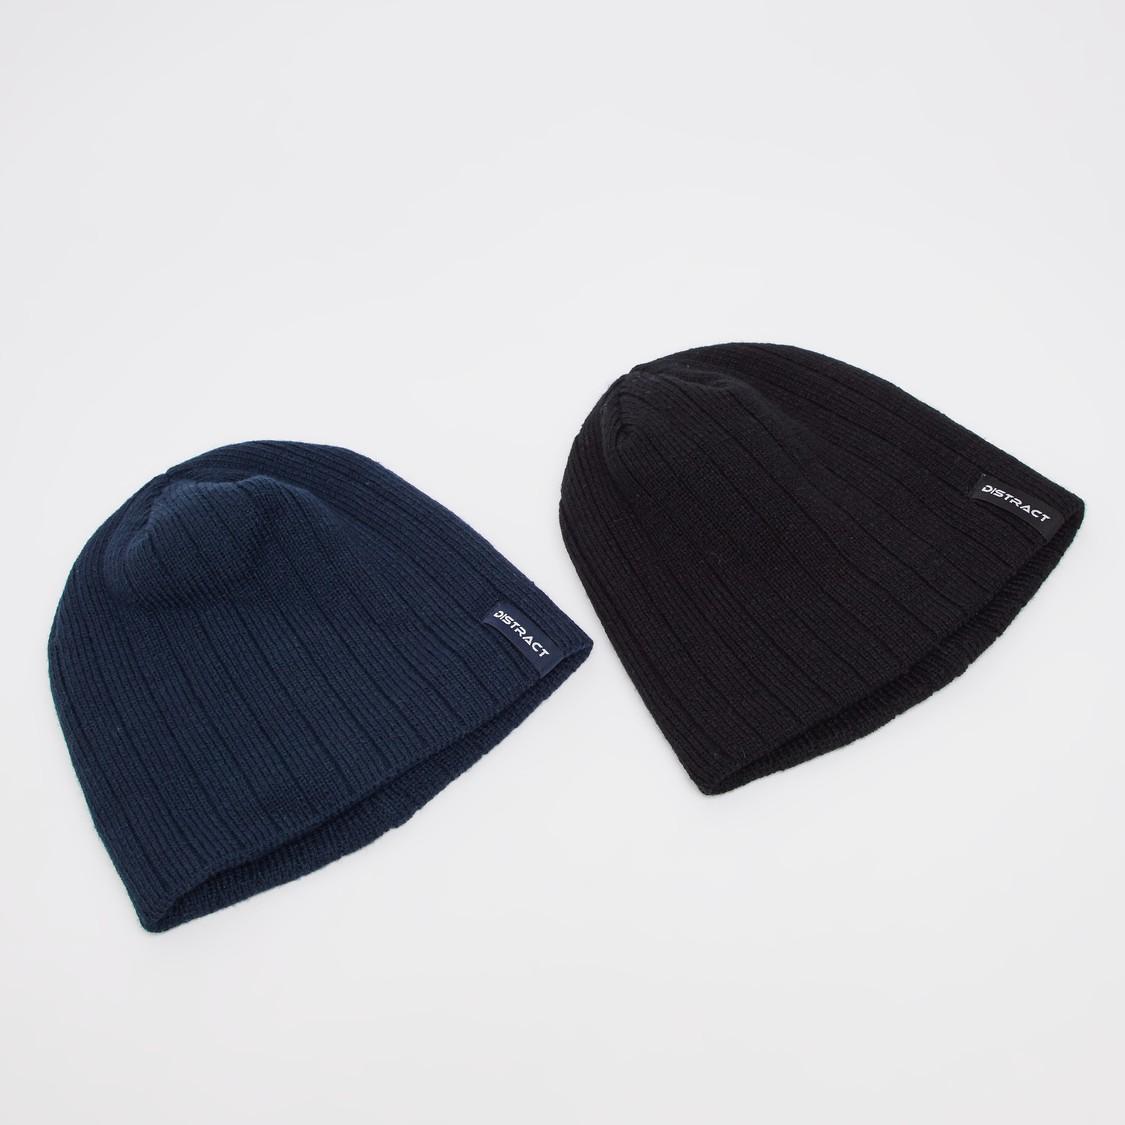 قبعة بيني بارزة الملمس- طقم من قطعتين